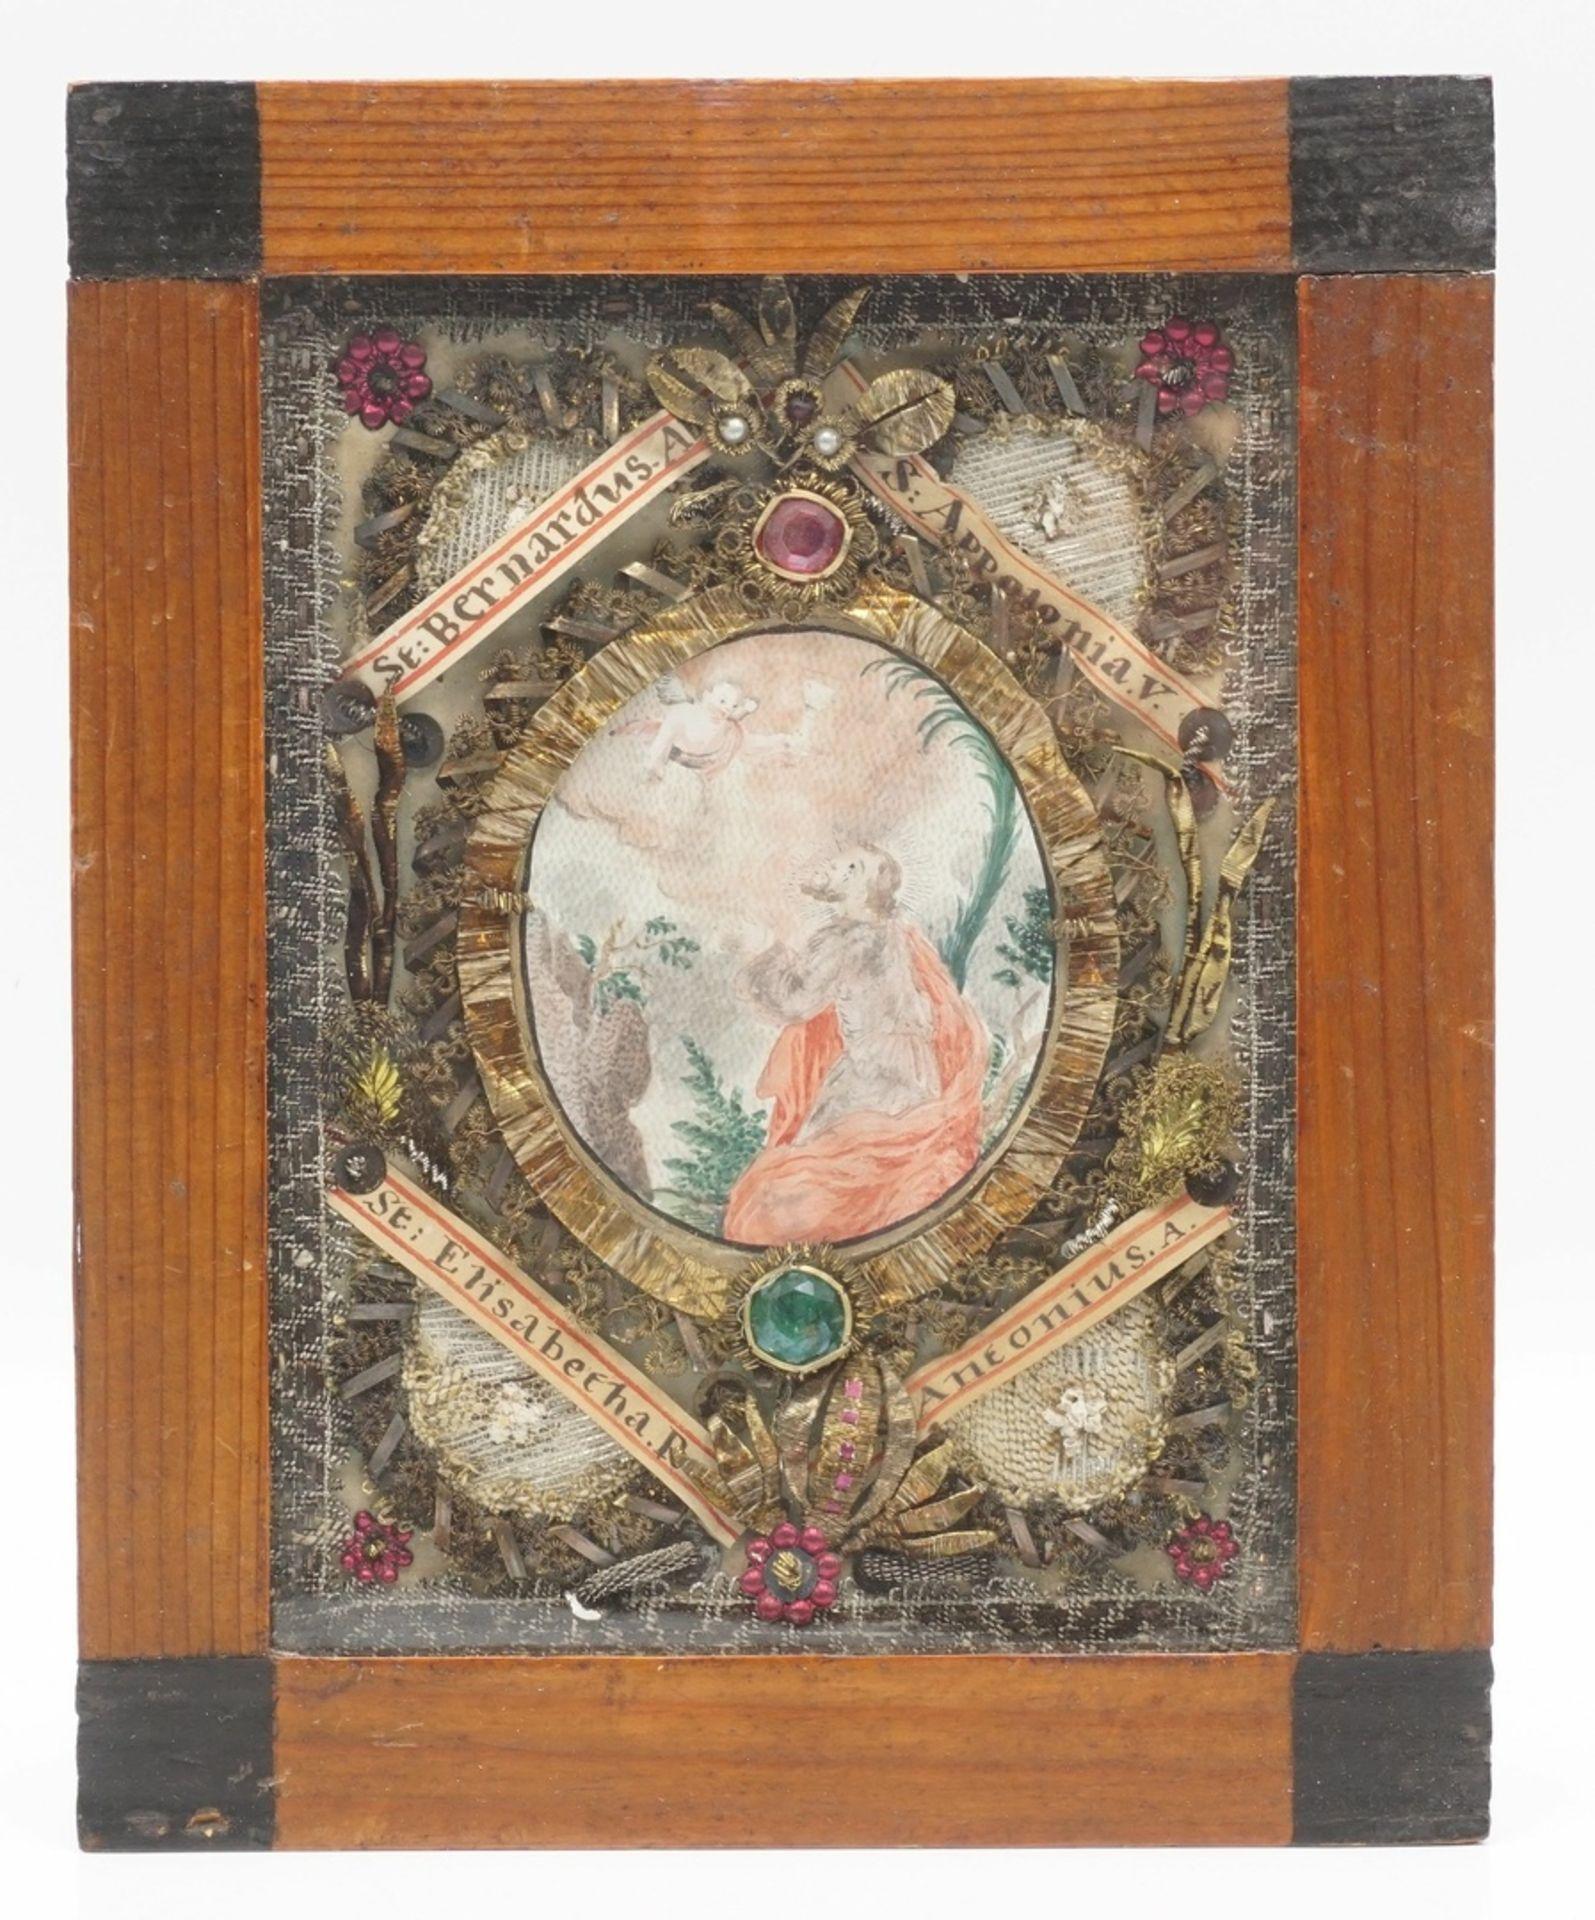 Zwei Andachtsbilder, 19. Jh. - Bild 4 aus 4